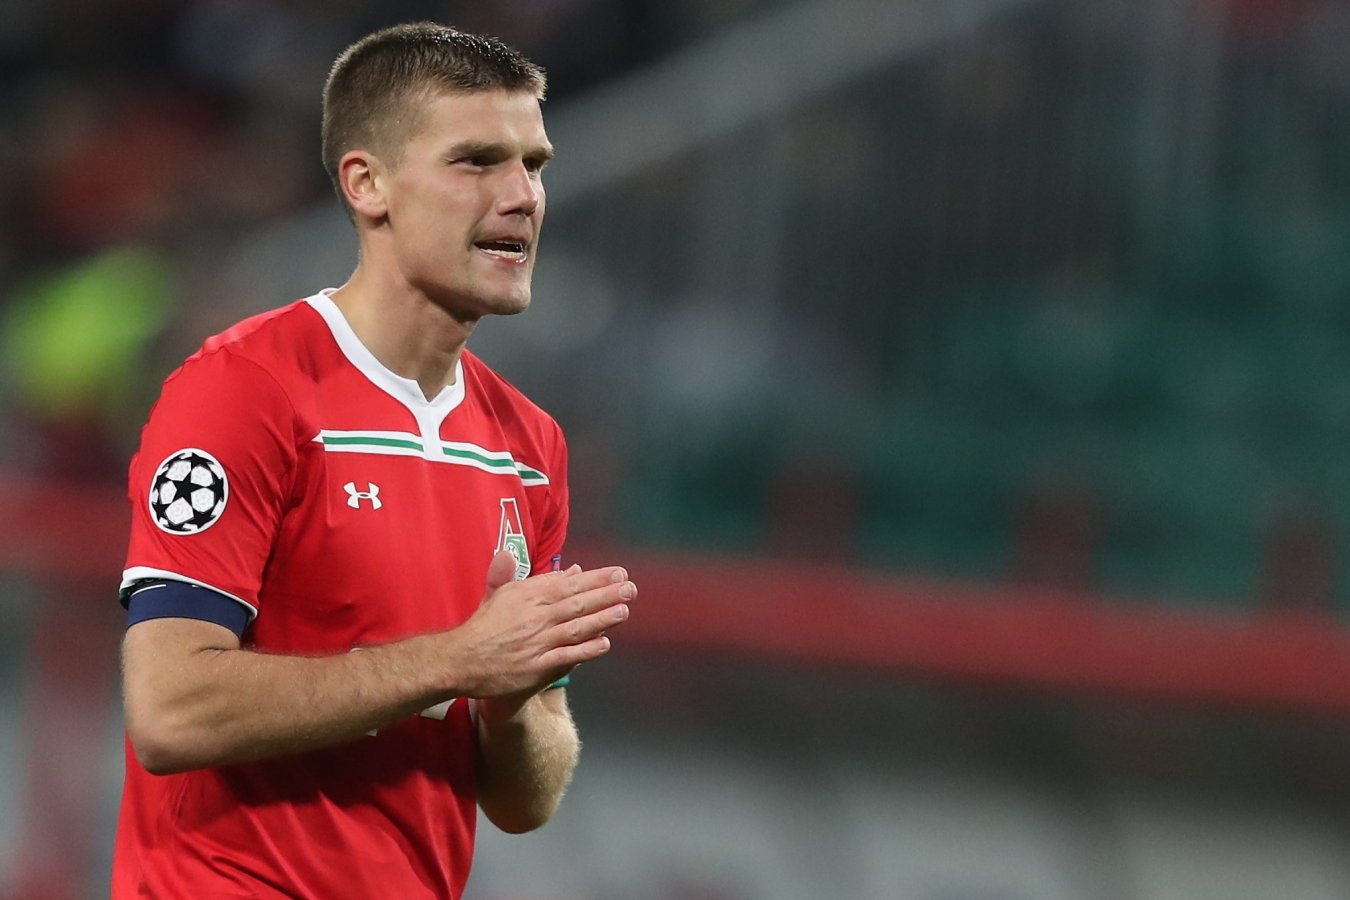 «Пожалел, что хотел вернуться». Денисов рассказал, почему не перешёл в «Зенит» в 2018-м